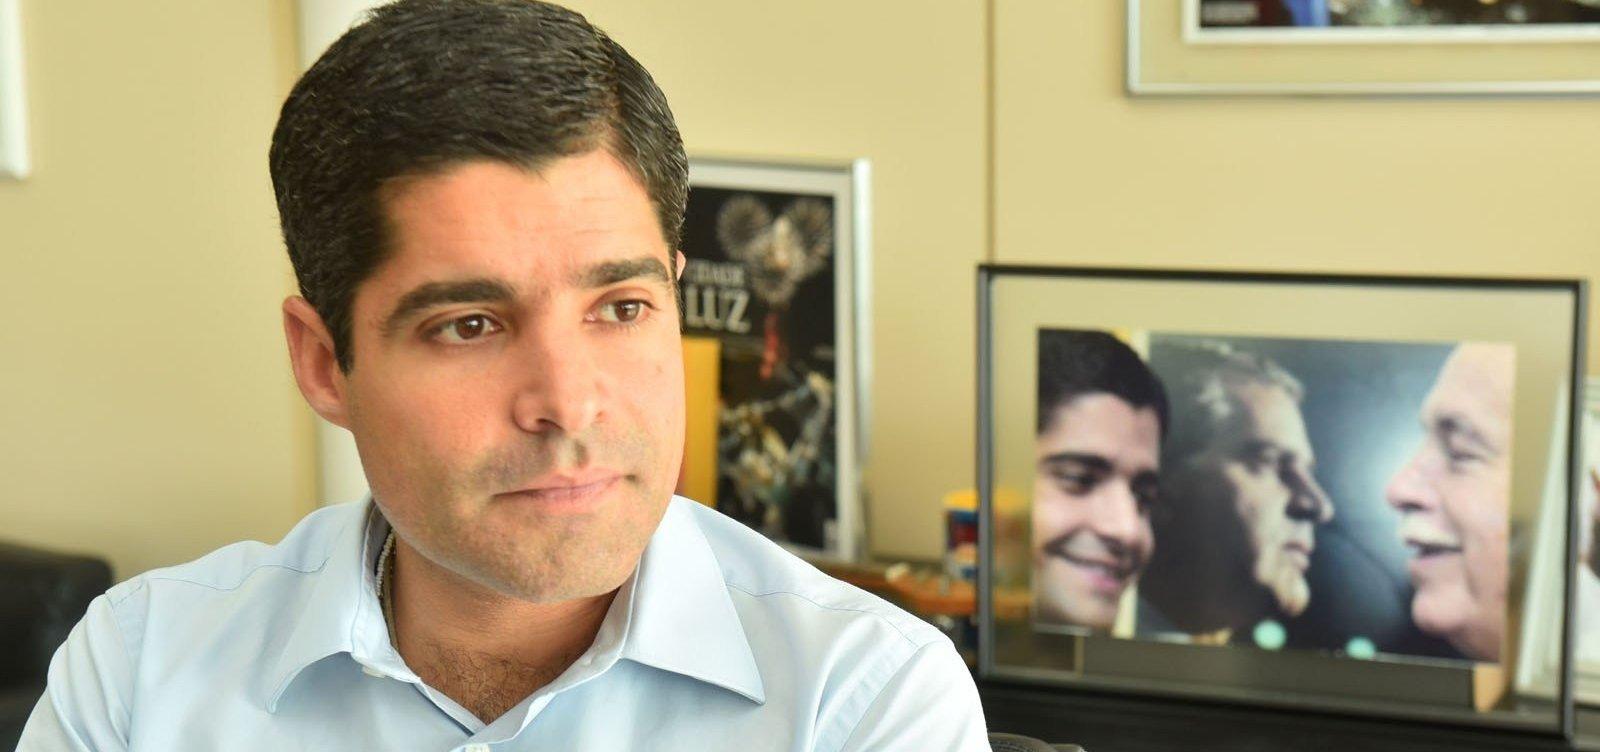 Neto diz reconhecer 'força' do PSL, mas desconversa sobre secretaria: 'Vamos ver aí'